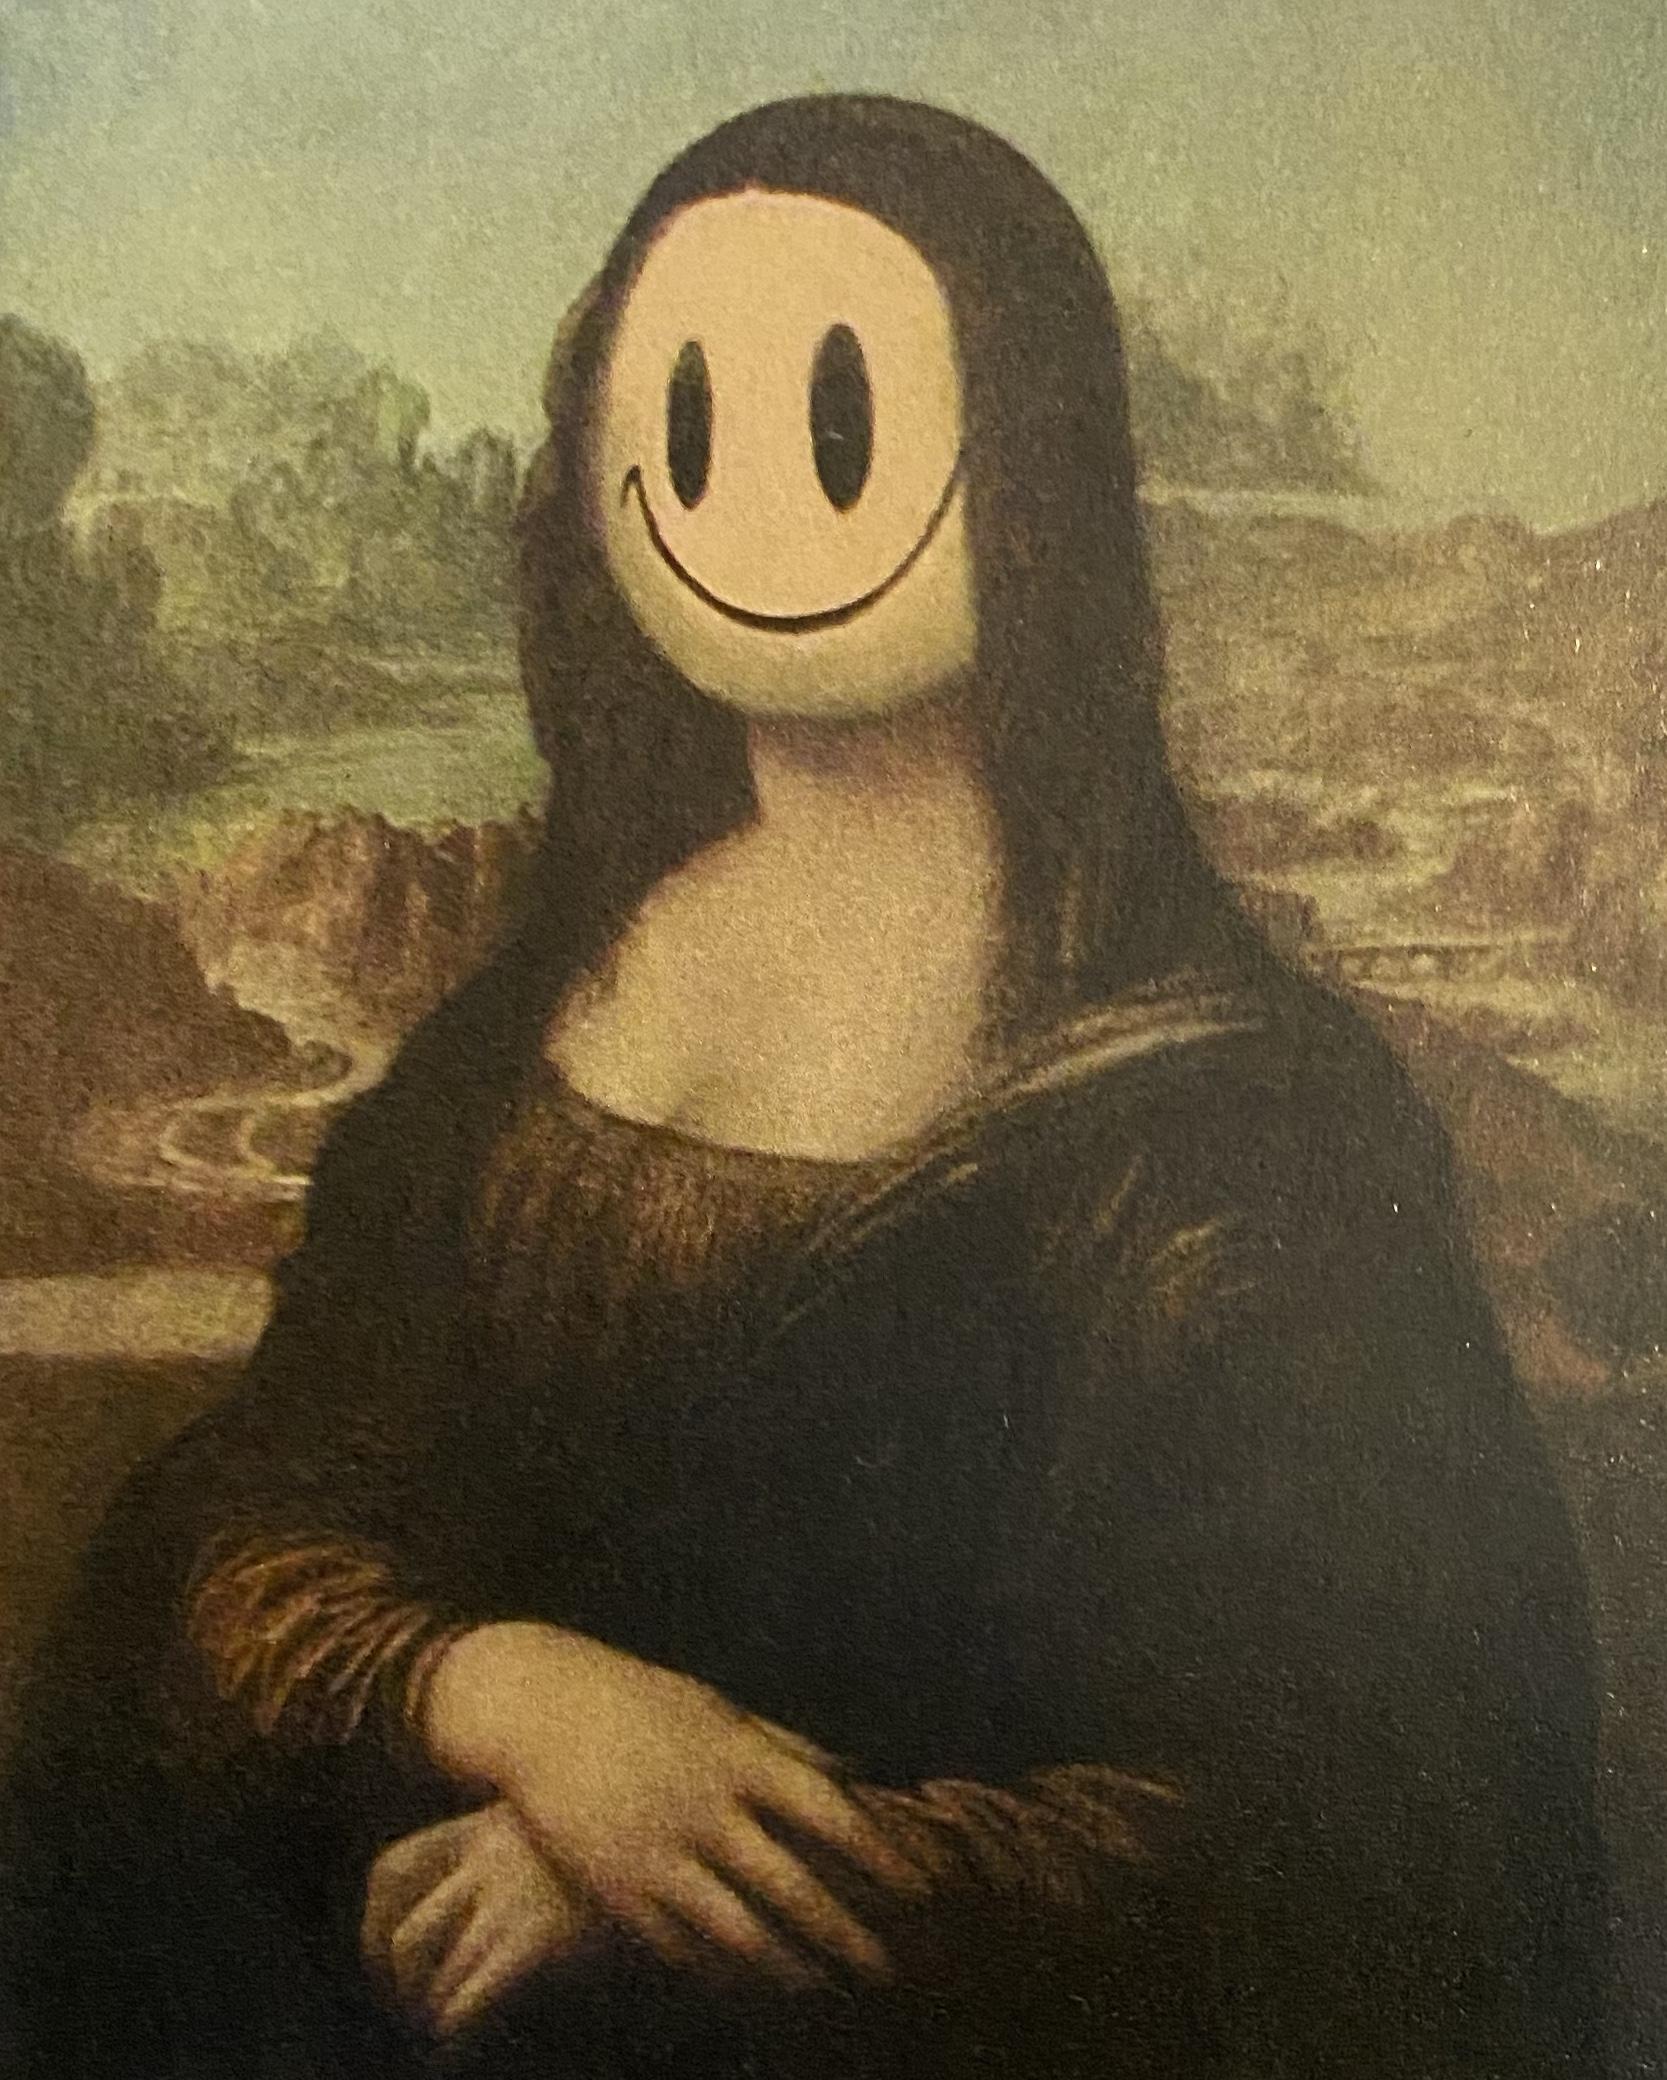 Banksy 2004 Mona Lisa Smile at Louvre Museum in Paris